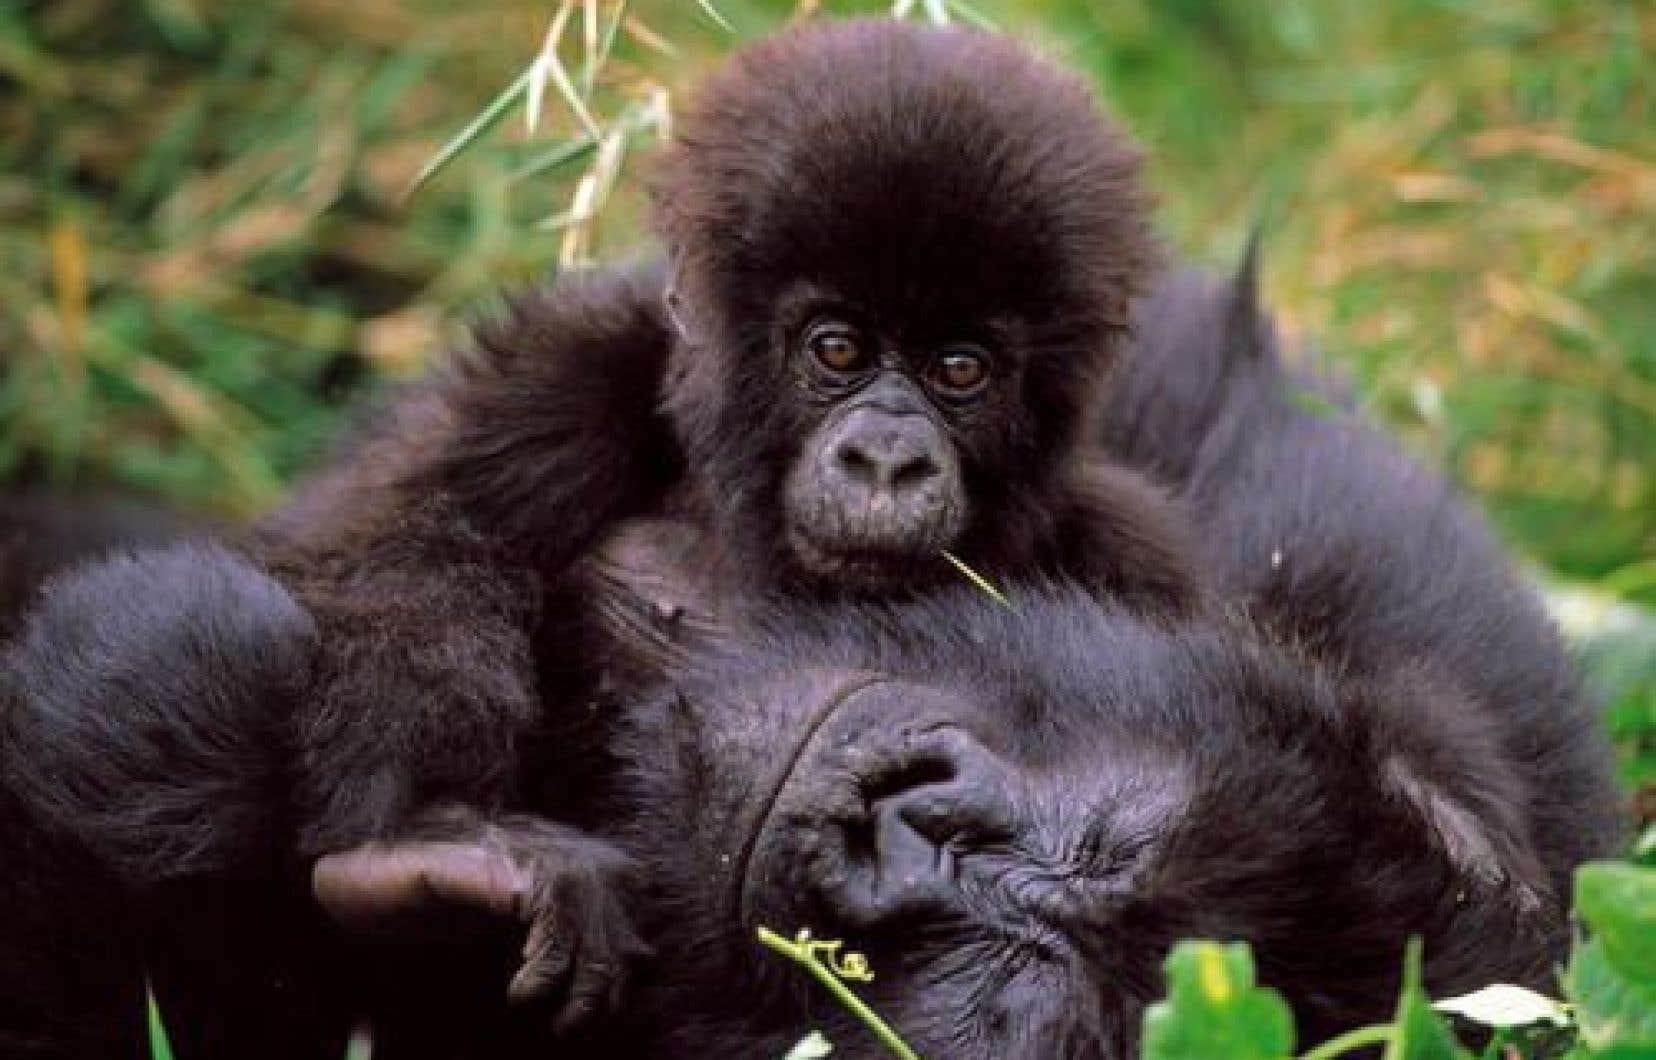 Créé en 1925, le parc des Virunga abrite plusieurs espèces animales menacées, parmi lesquelles le gorille des montagnes, son emblème.